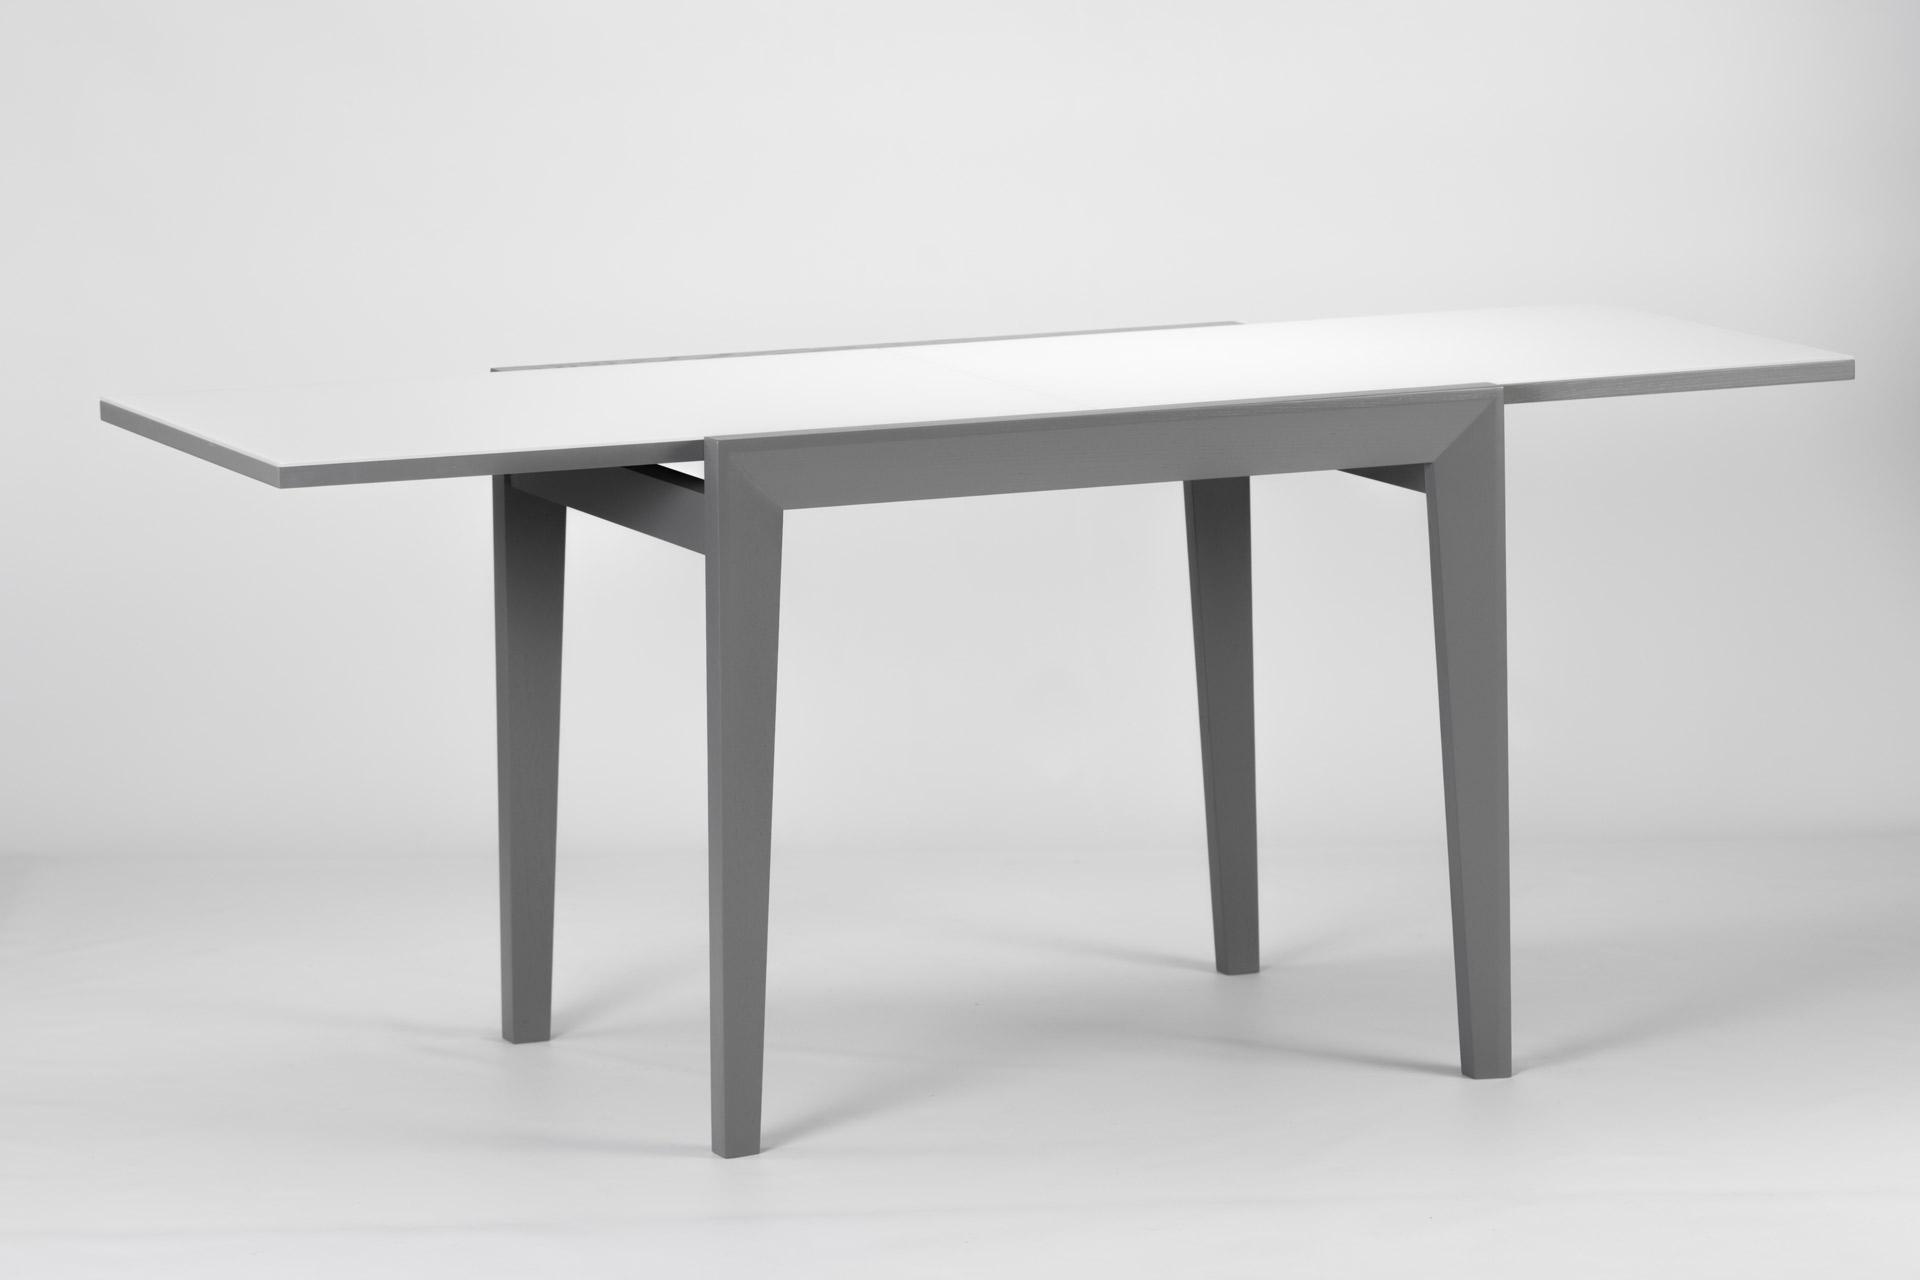 Деревянный кухонный стол Фаворит c белой стеклянной столешницей и серыми ножками раздвижной